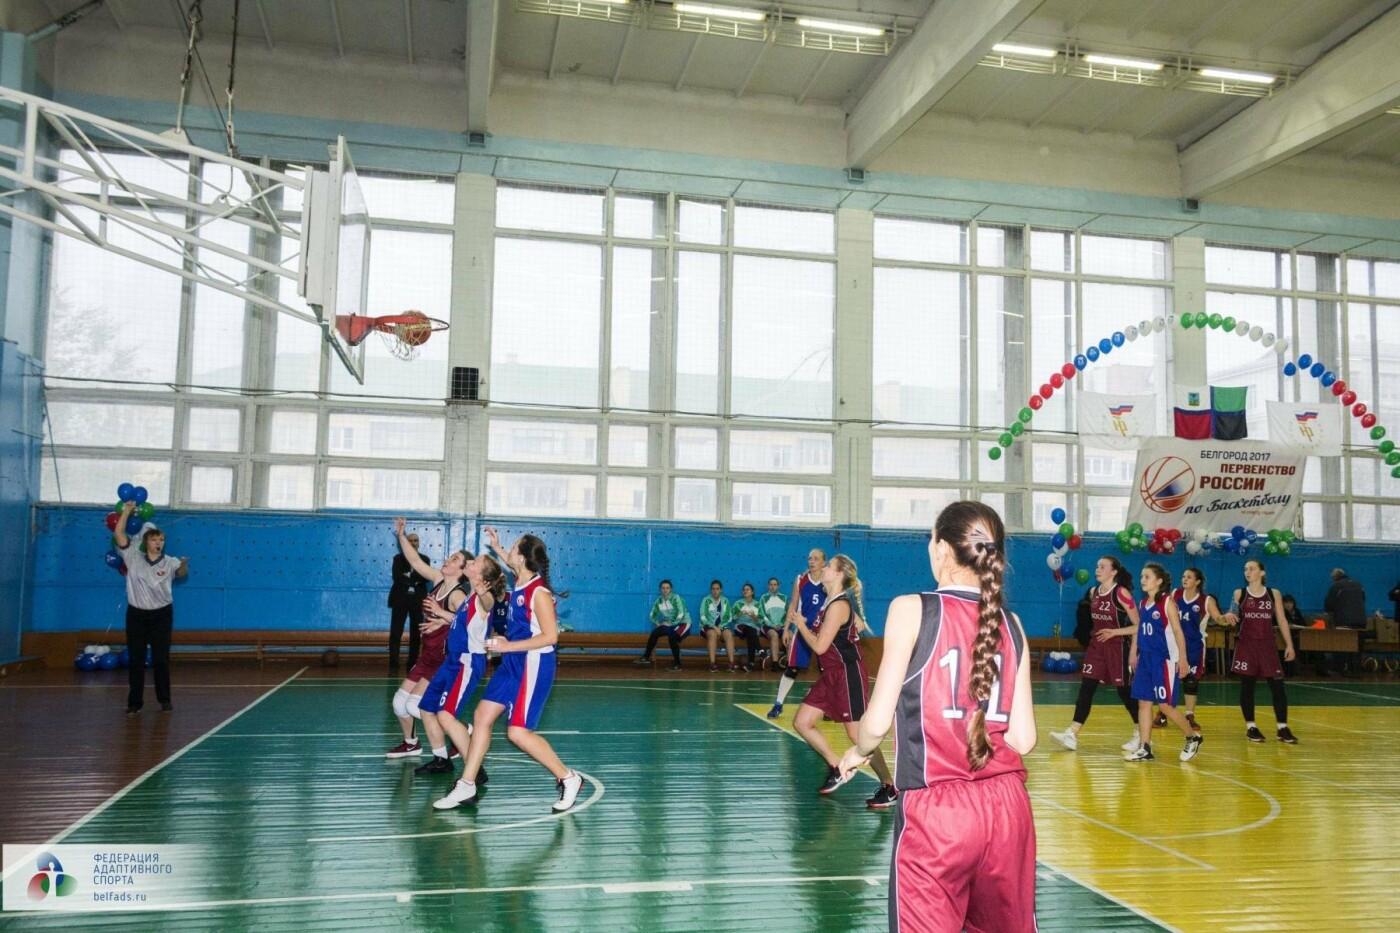 В Белгороде завершилось Первенство России по баскетболу среди глухих, фото-11